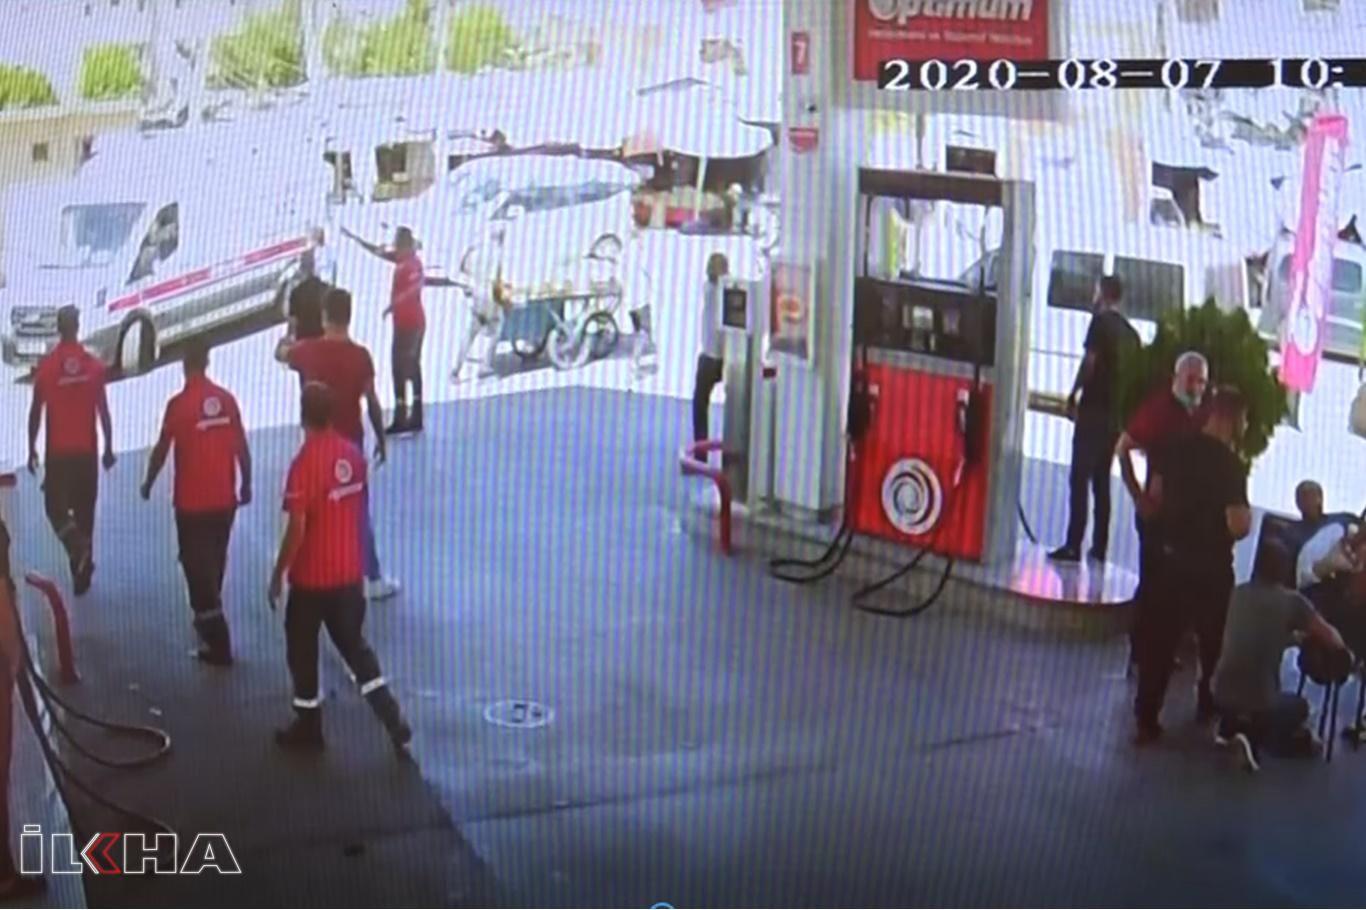 VİDEO HABER – Polisin bıçaklı saldırıya uğradığı anlar güvenlik kamerasına yansıdı